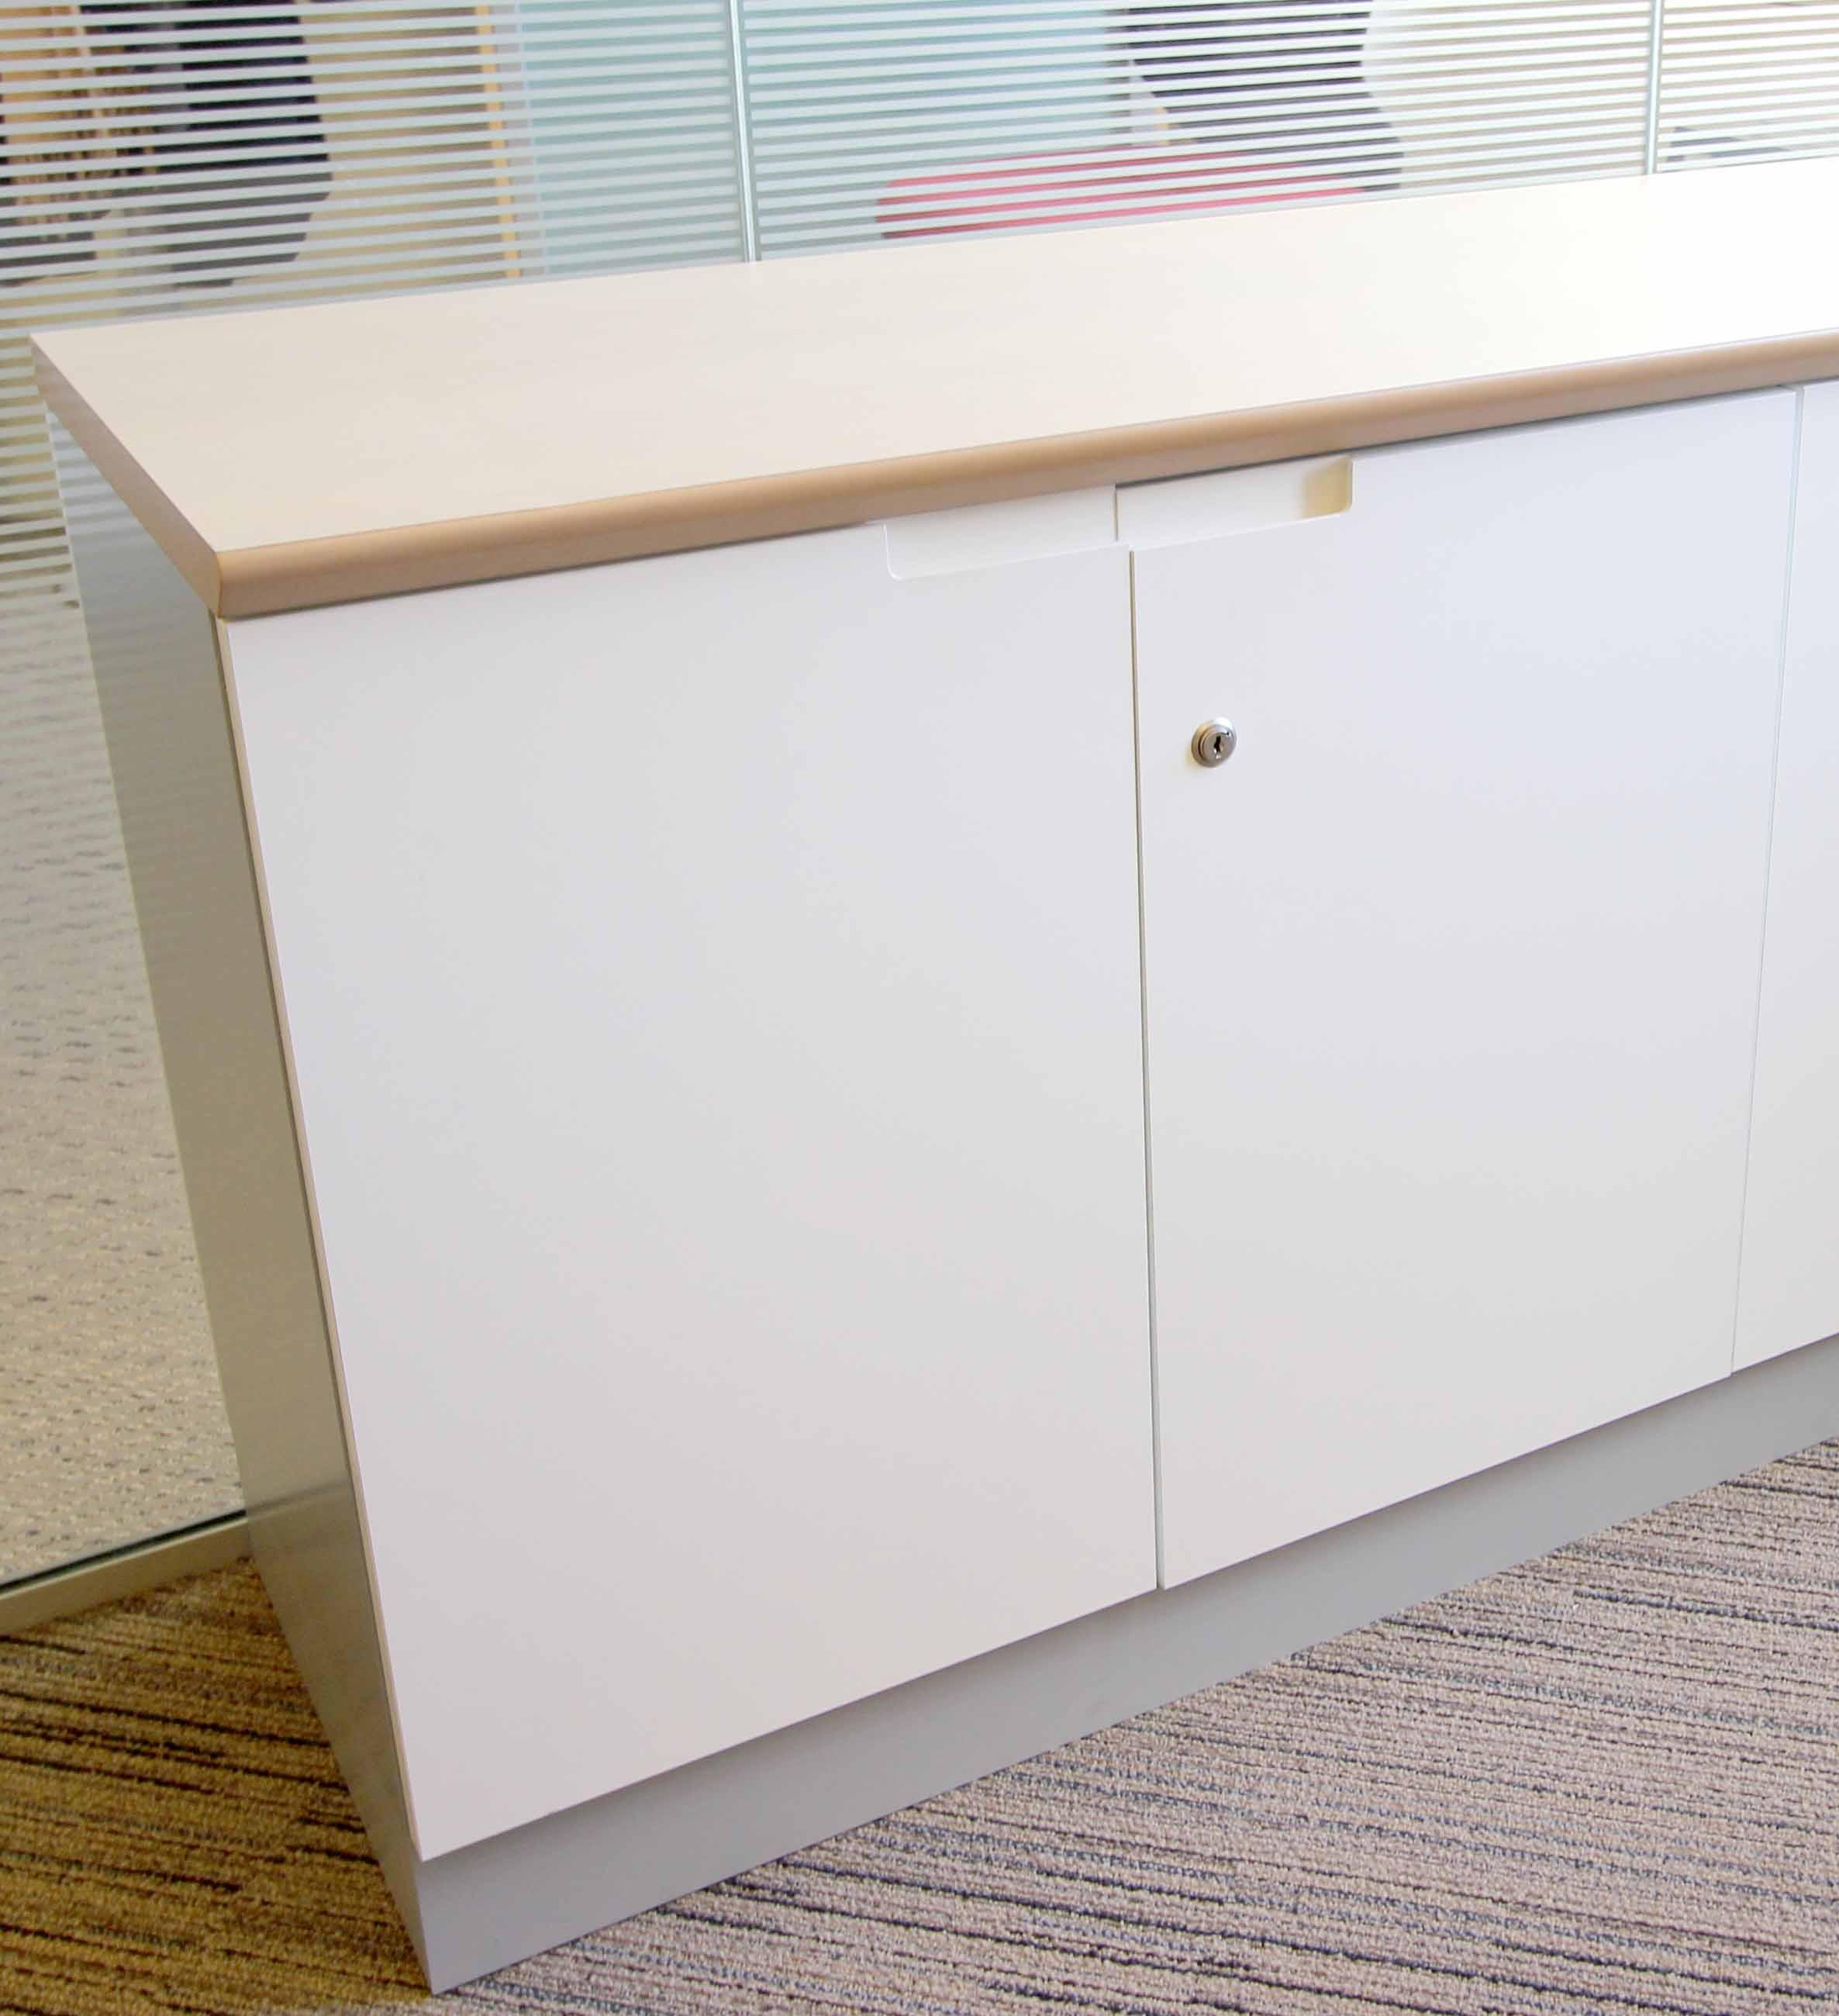 meuble bas a 2 portes de couleur blanche fermeture a cle 75 x 80 x 44 cm quantite 160 unites lot ve. Black Bedroom Furniture Sets. Home Design Ideas